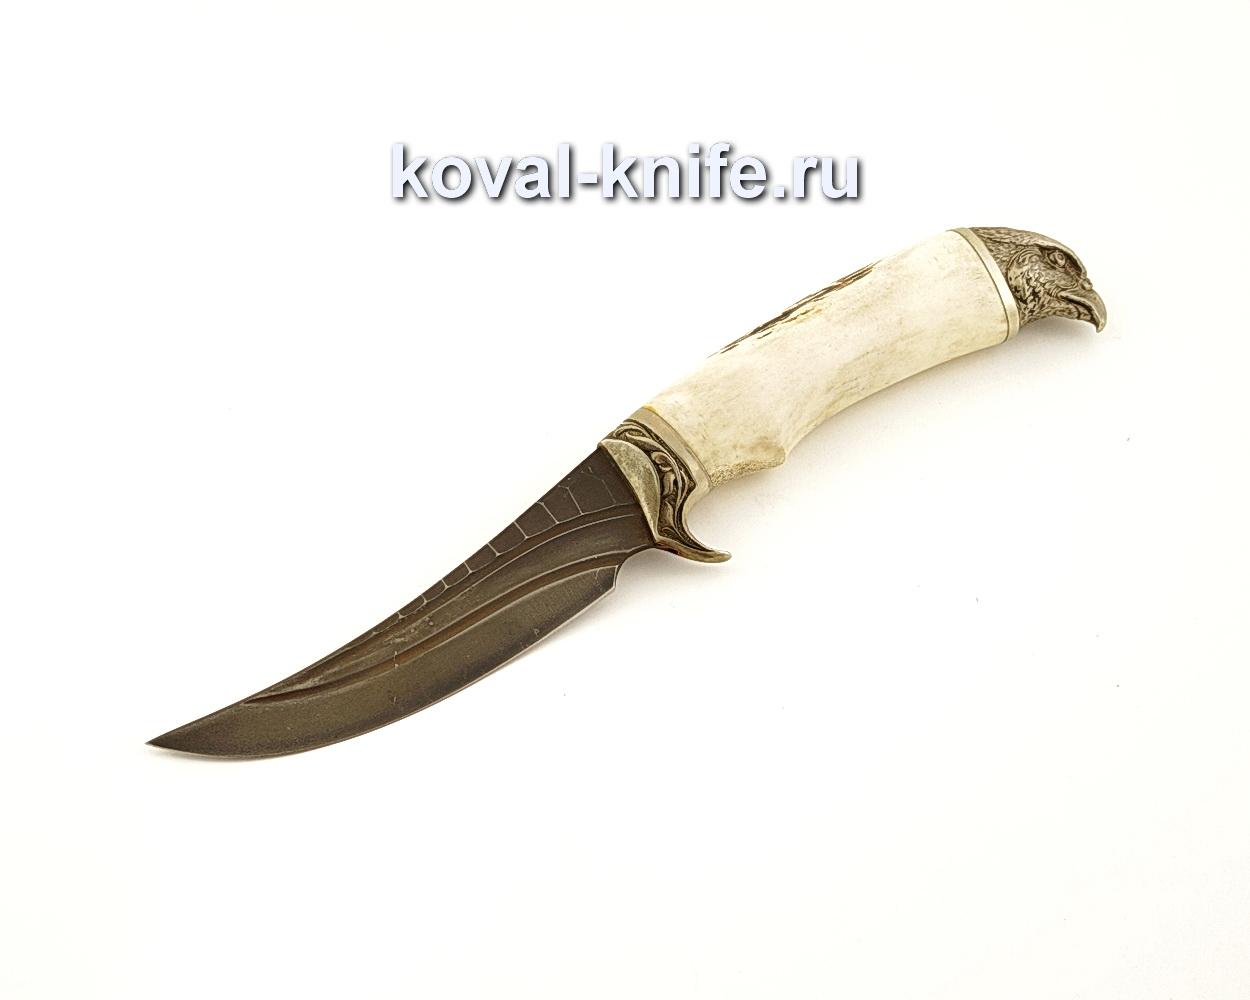 Нож Ворон из кованой стали Х12МФ с рукоятью из рога  A635